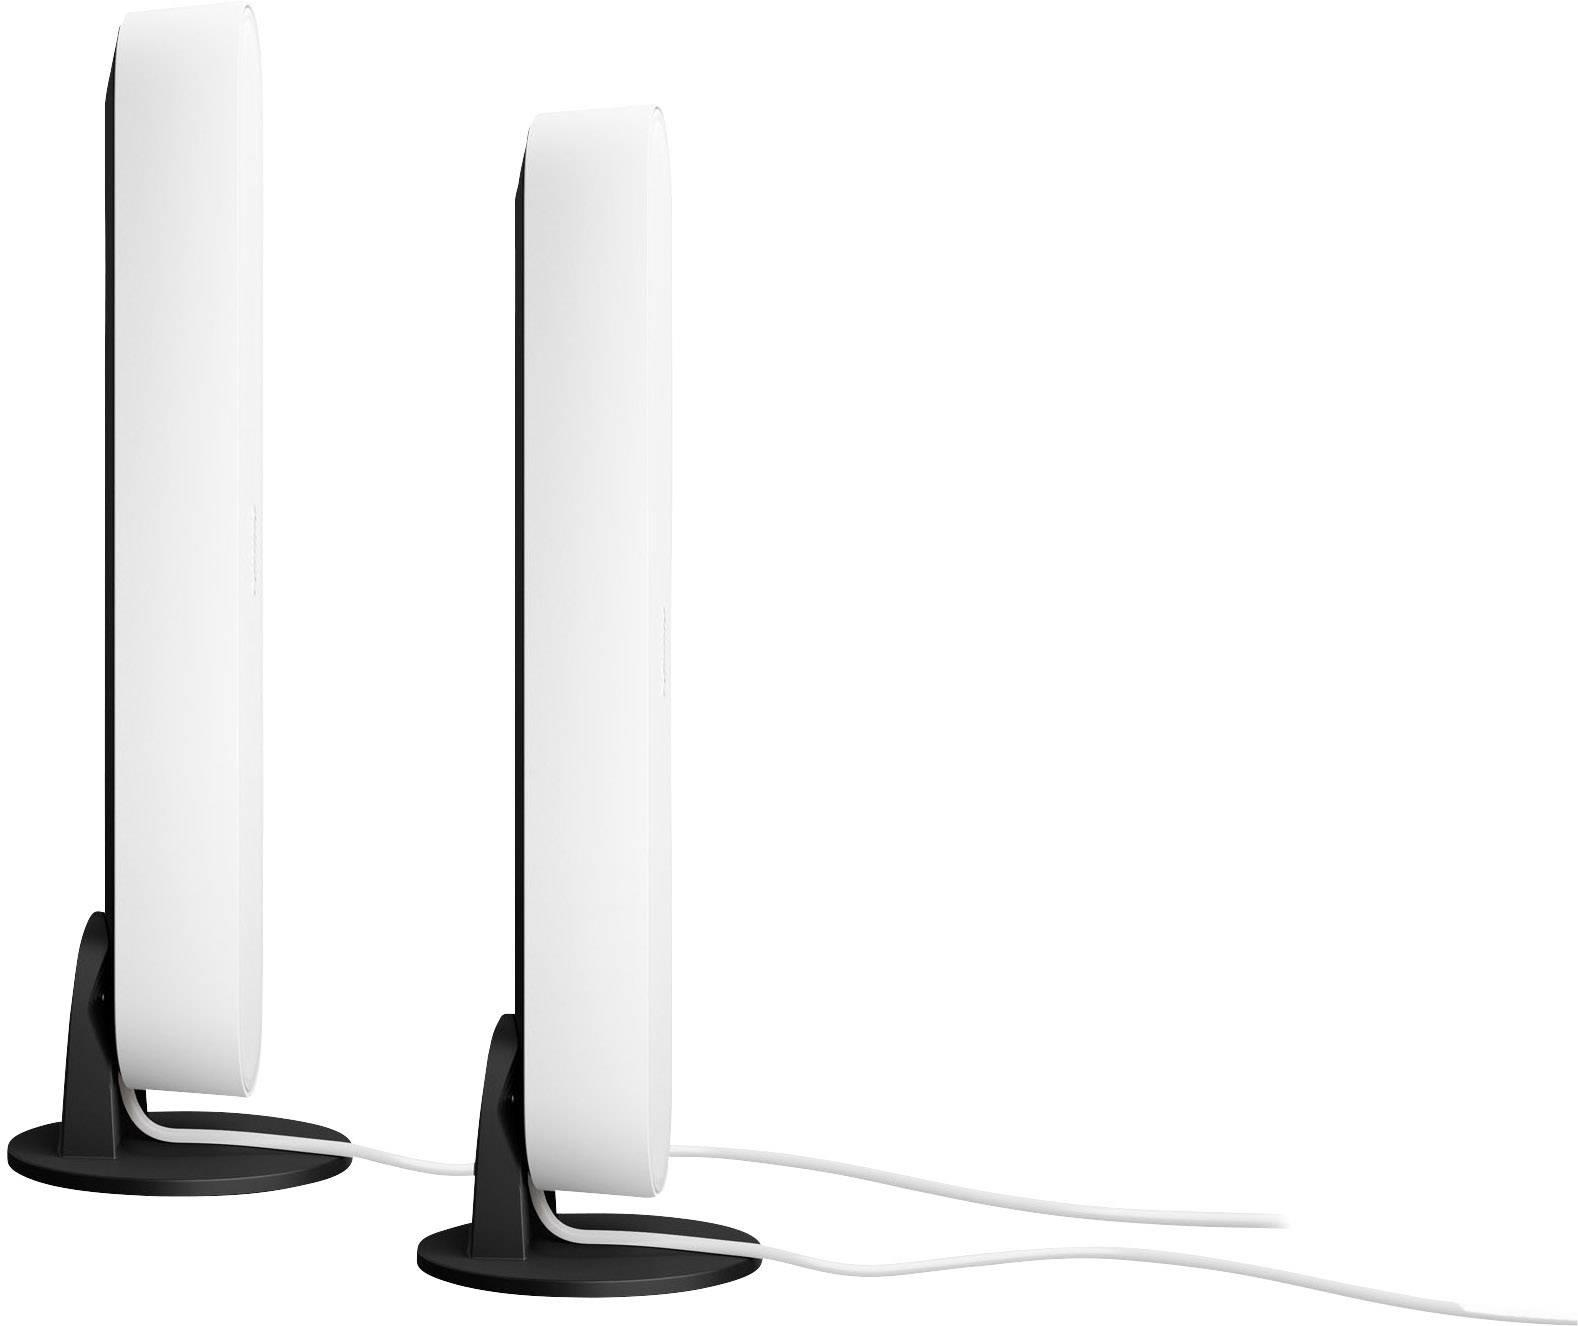 izdelek-philips-lighting-hue-led-lightbar-svetilka-osnovni-komplet-4